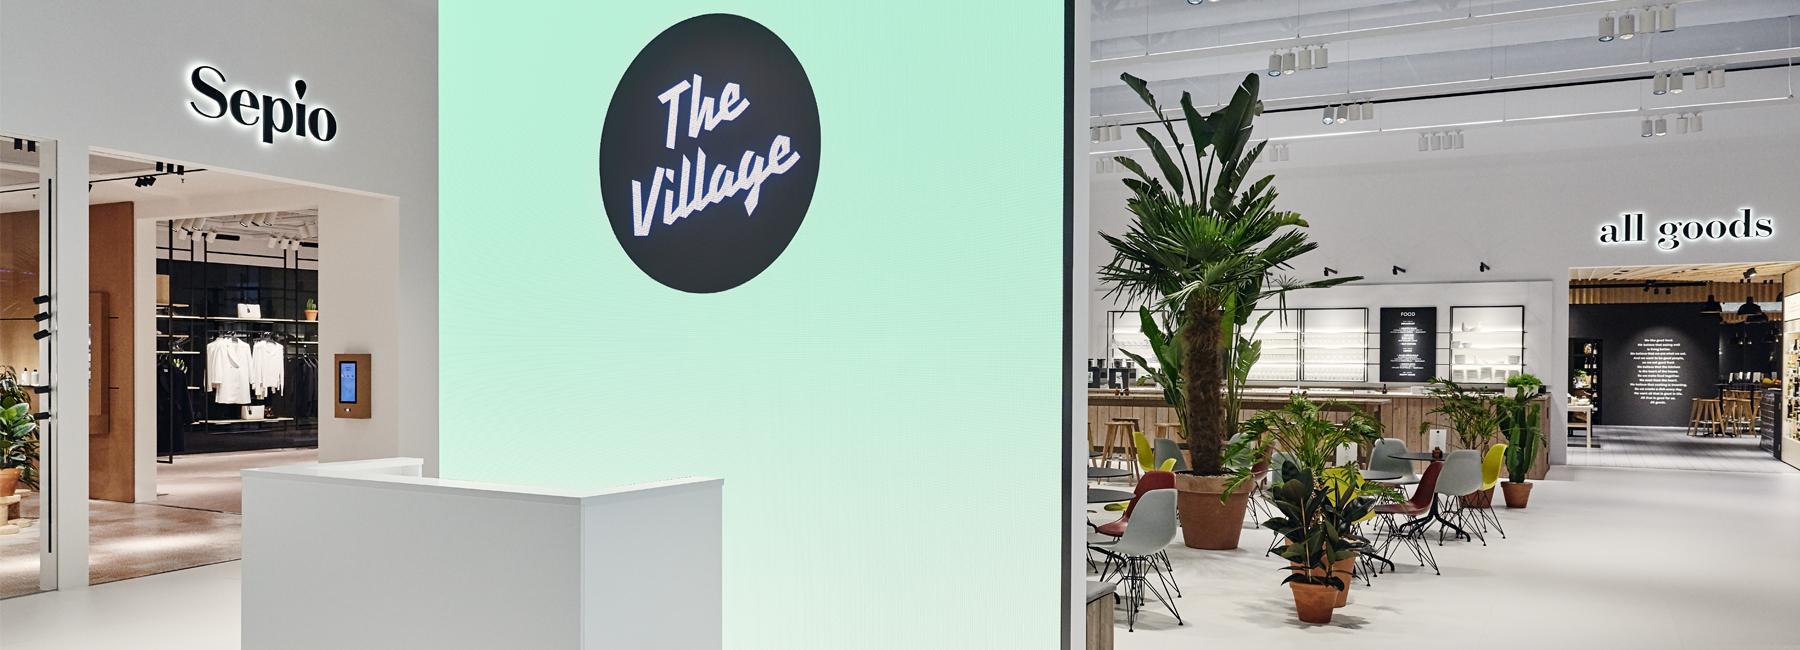 VITRA Village an der Euroshop 2017